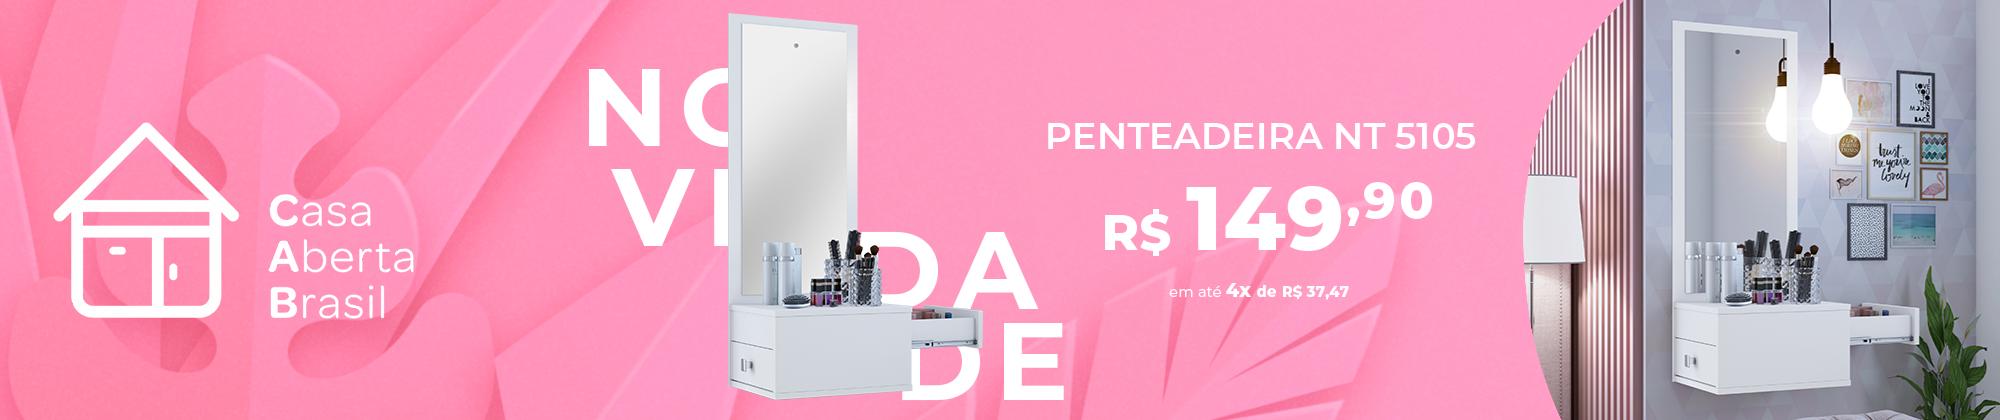 Penteadeira Suspensa 1015 com Gavetas Laterais Branca Casa Aberta Brasil